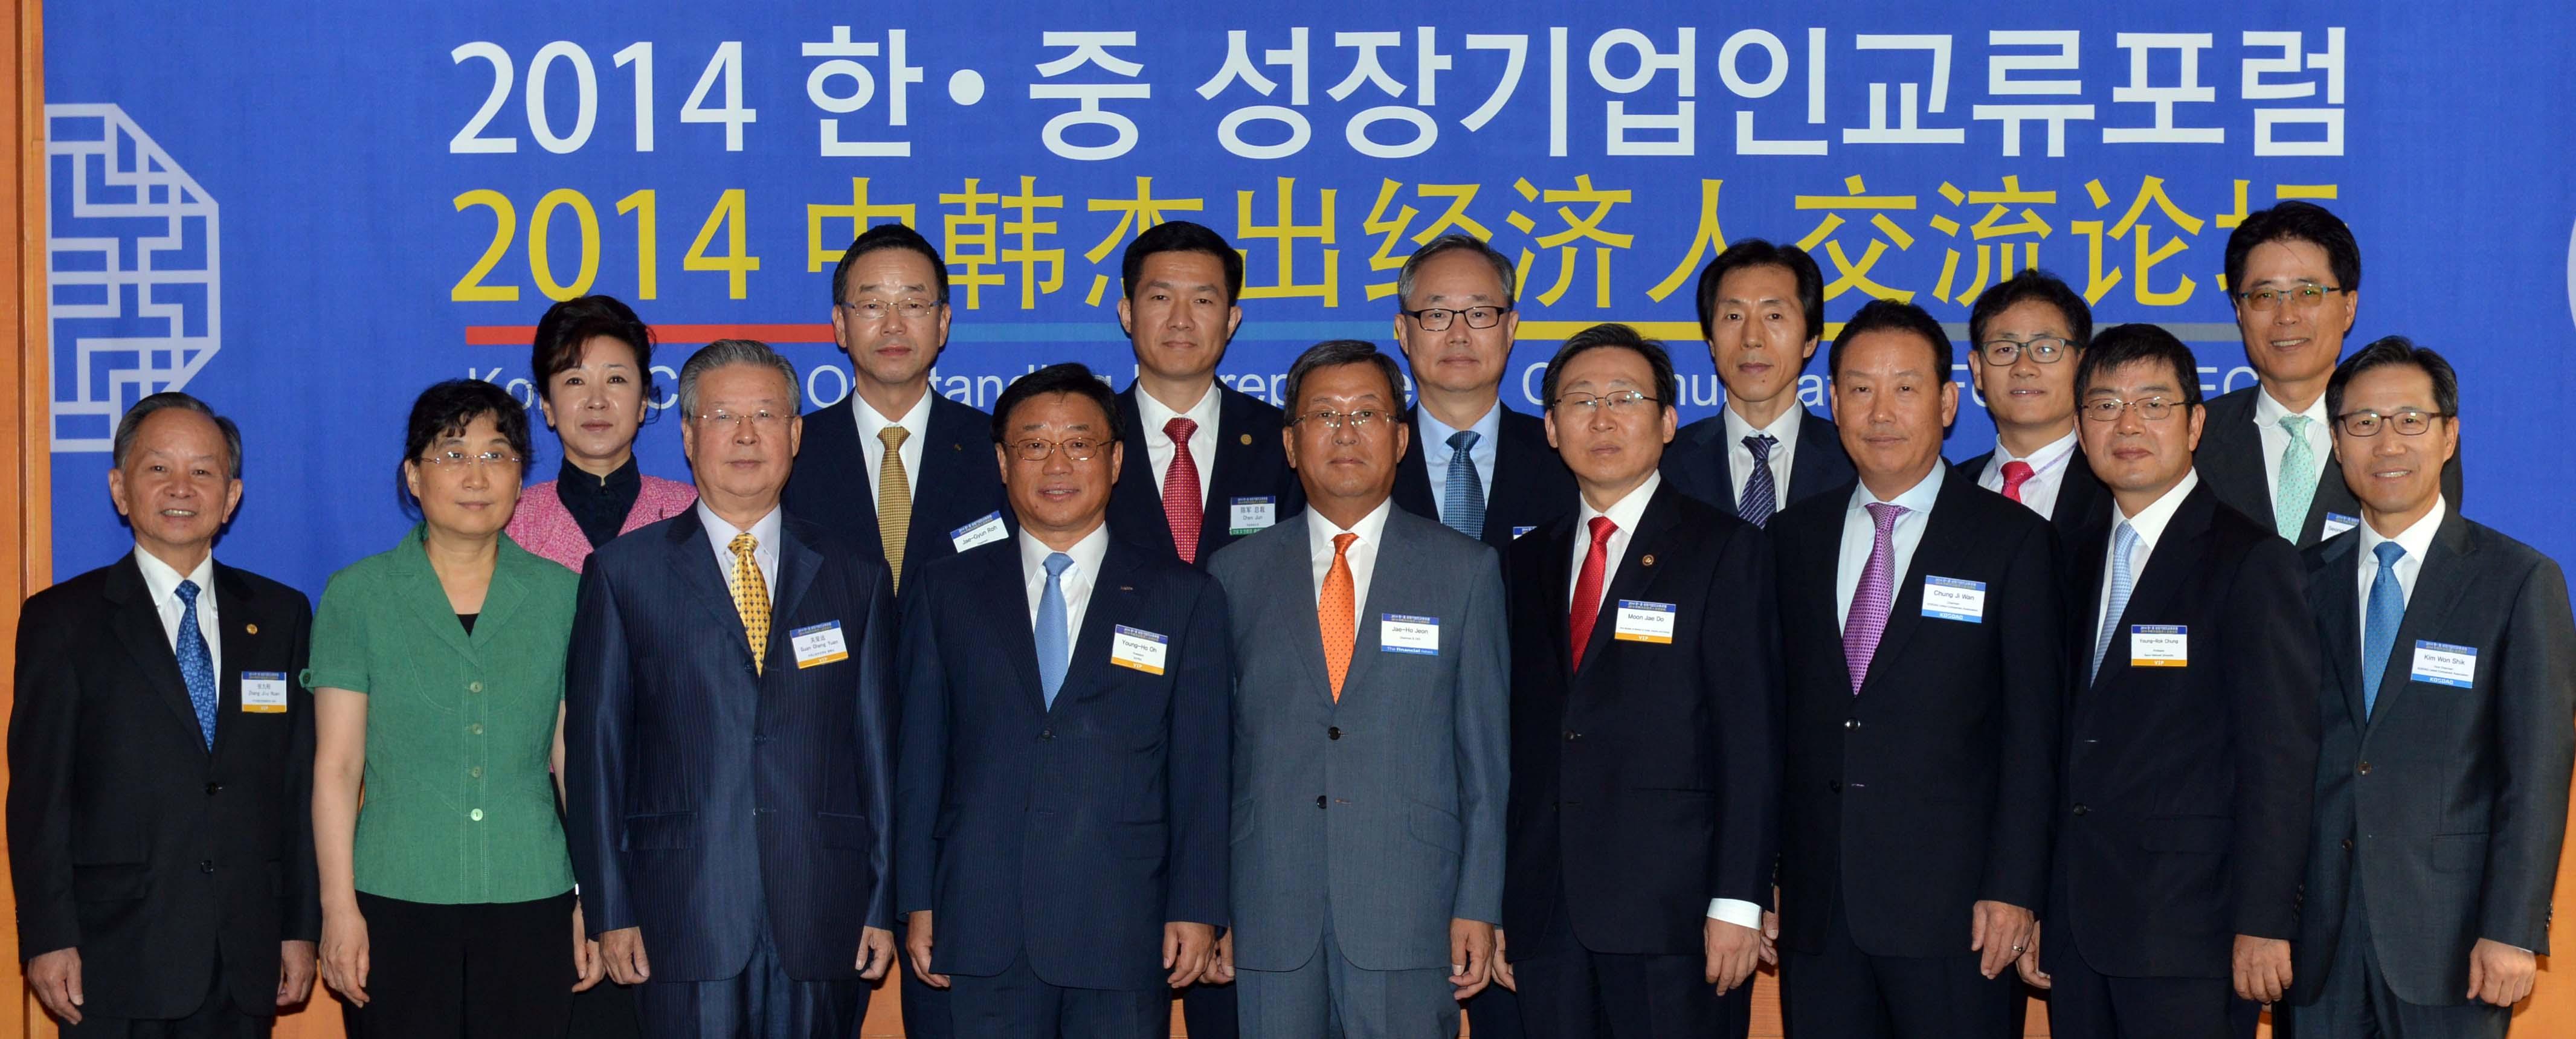 """[제2회 한·중성장기업인교류포럼] """"한국은 중국, 중국은 한국 진출.. 성장 위한 필수조건"""""""